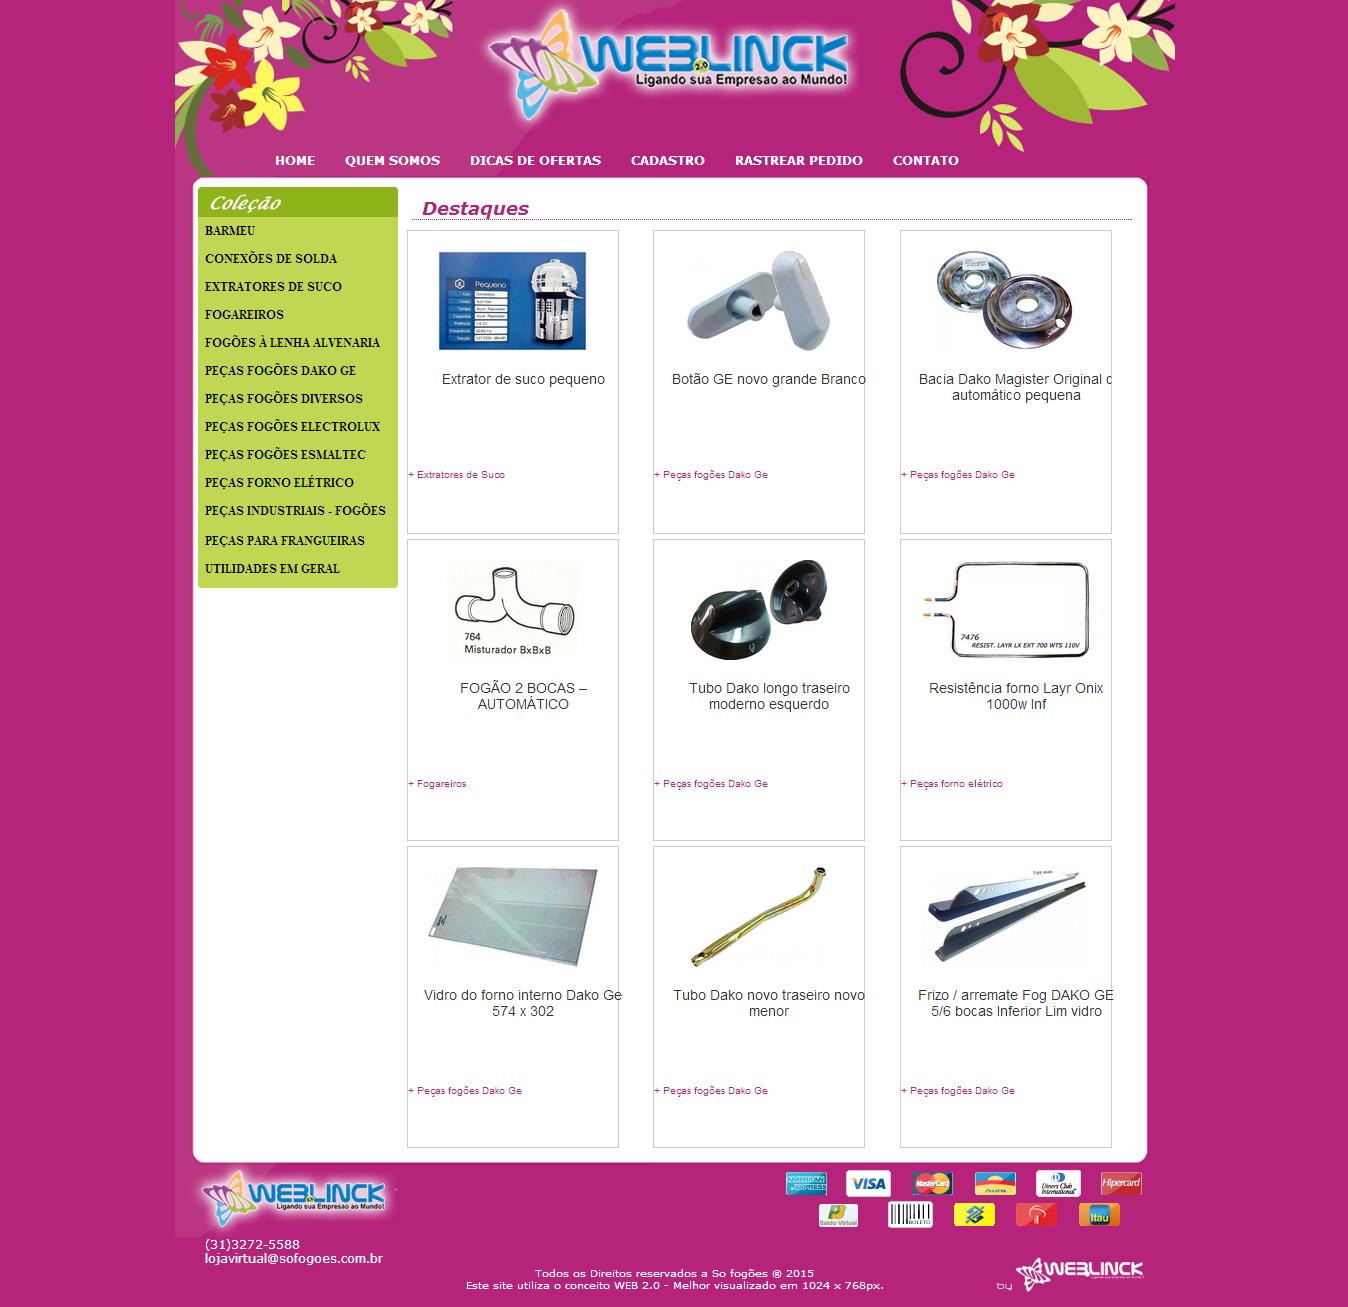 Loja Modelo 4 Abilio machado, lojas virtuais grátis Bh, Alipio de melo comercio, Portal Abilio machado, weblinck, desenvolvimento de sites em bh